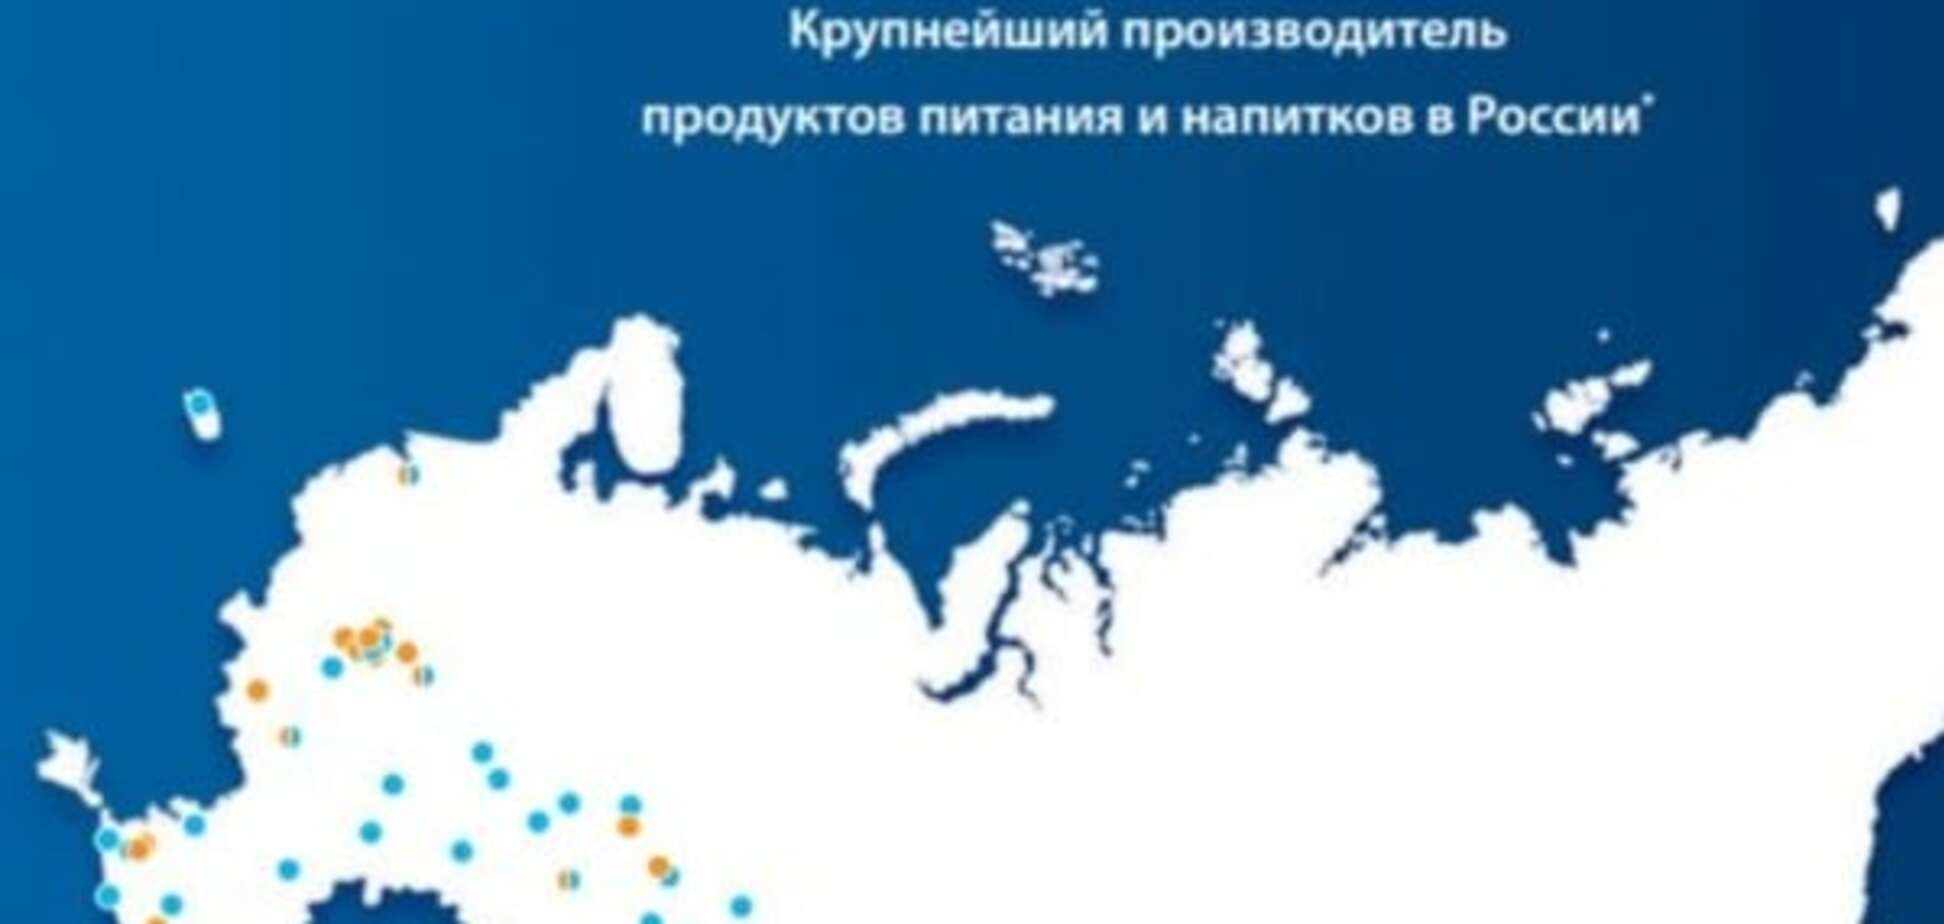 PepsiCo нишком видалила з сайту карту з 'російським' Кримом